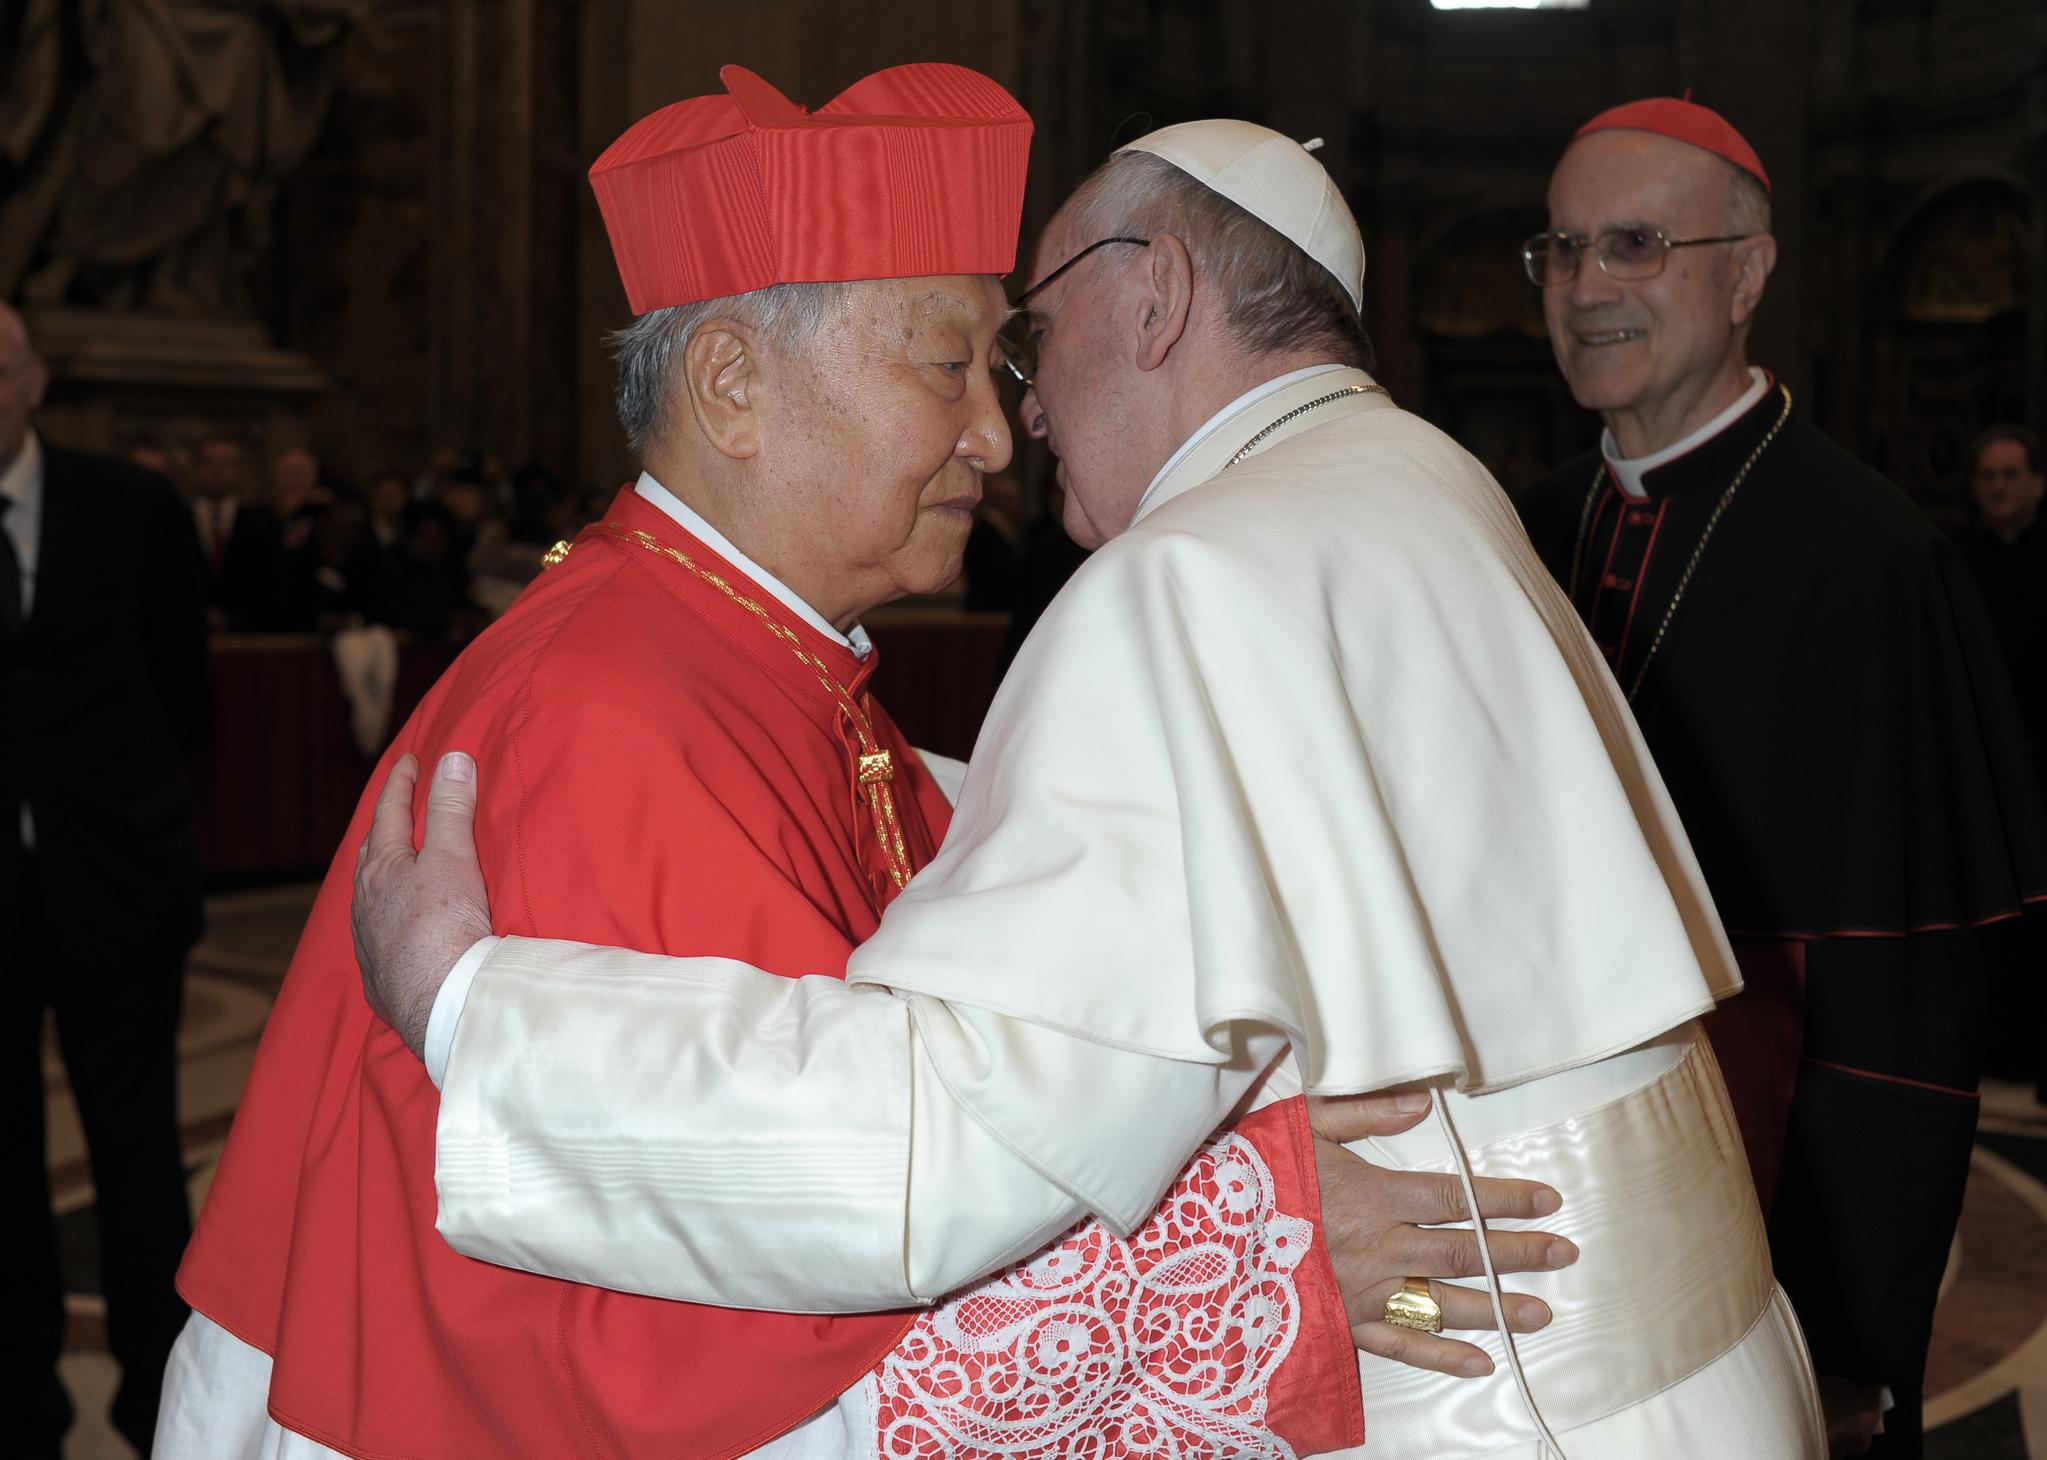 지난 2013년 3월 바티칸 성 베드로 대성당에서 새 교황 프란치스코를 첫 알현하는 정진석 추기경. 사진 천주교서울대교구